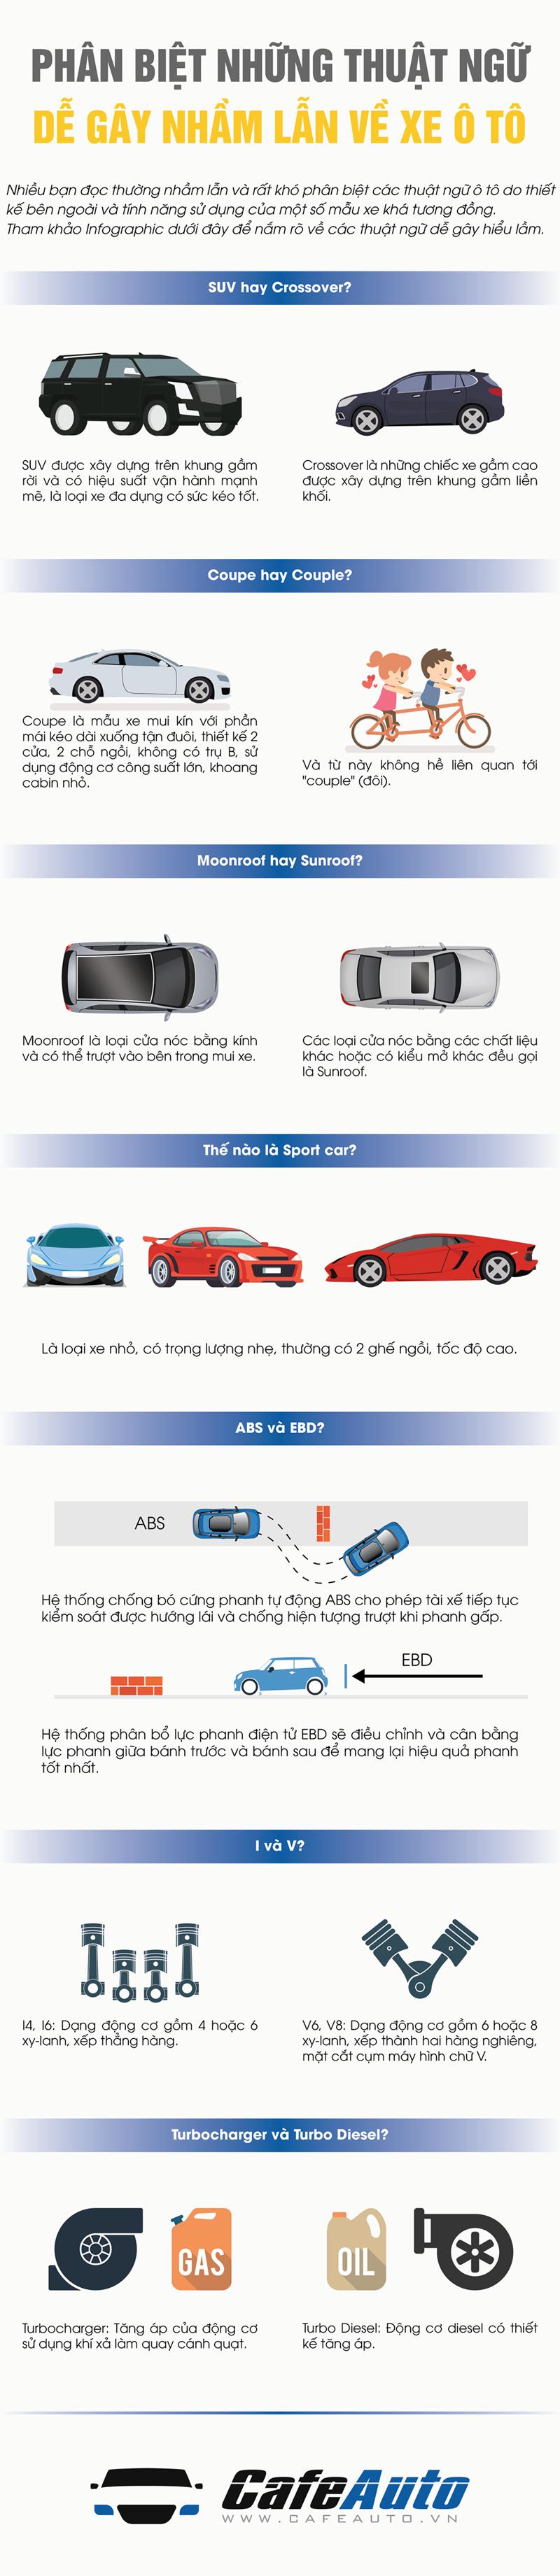 Phân biệt những thuật ngữ dễ gây nhầm lẫn về xe ô tô